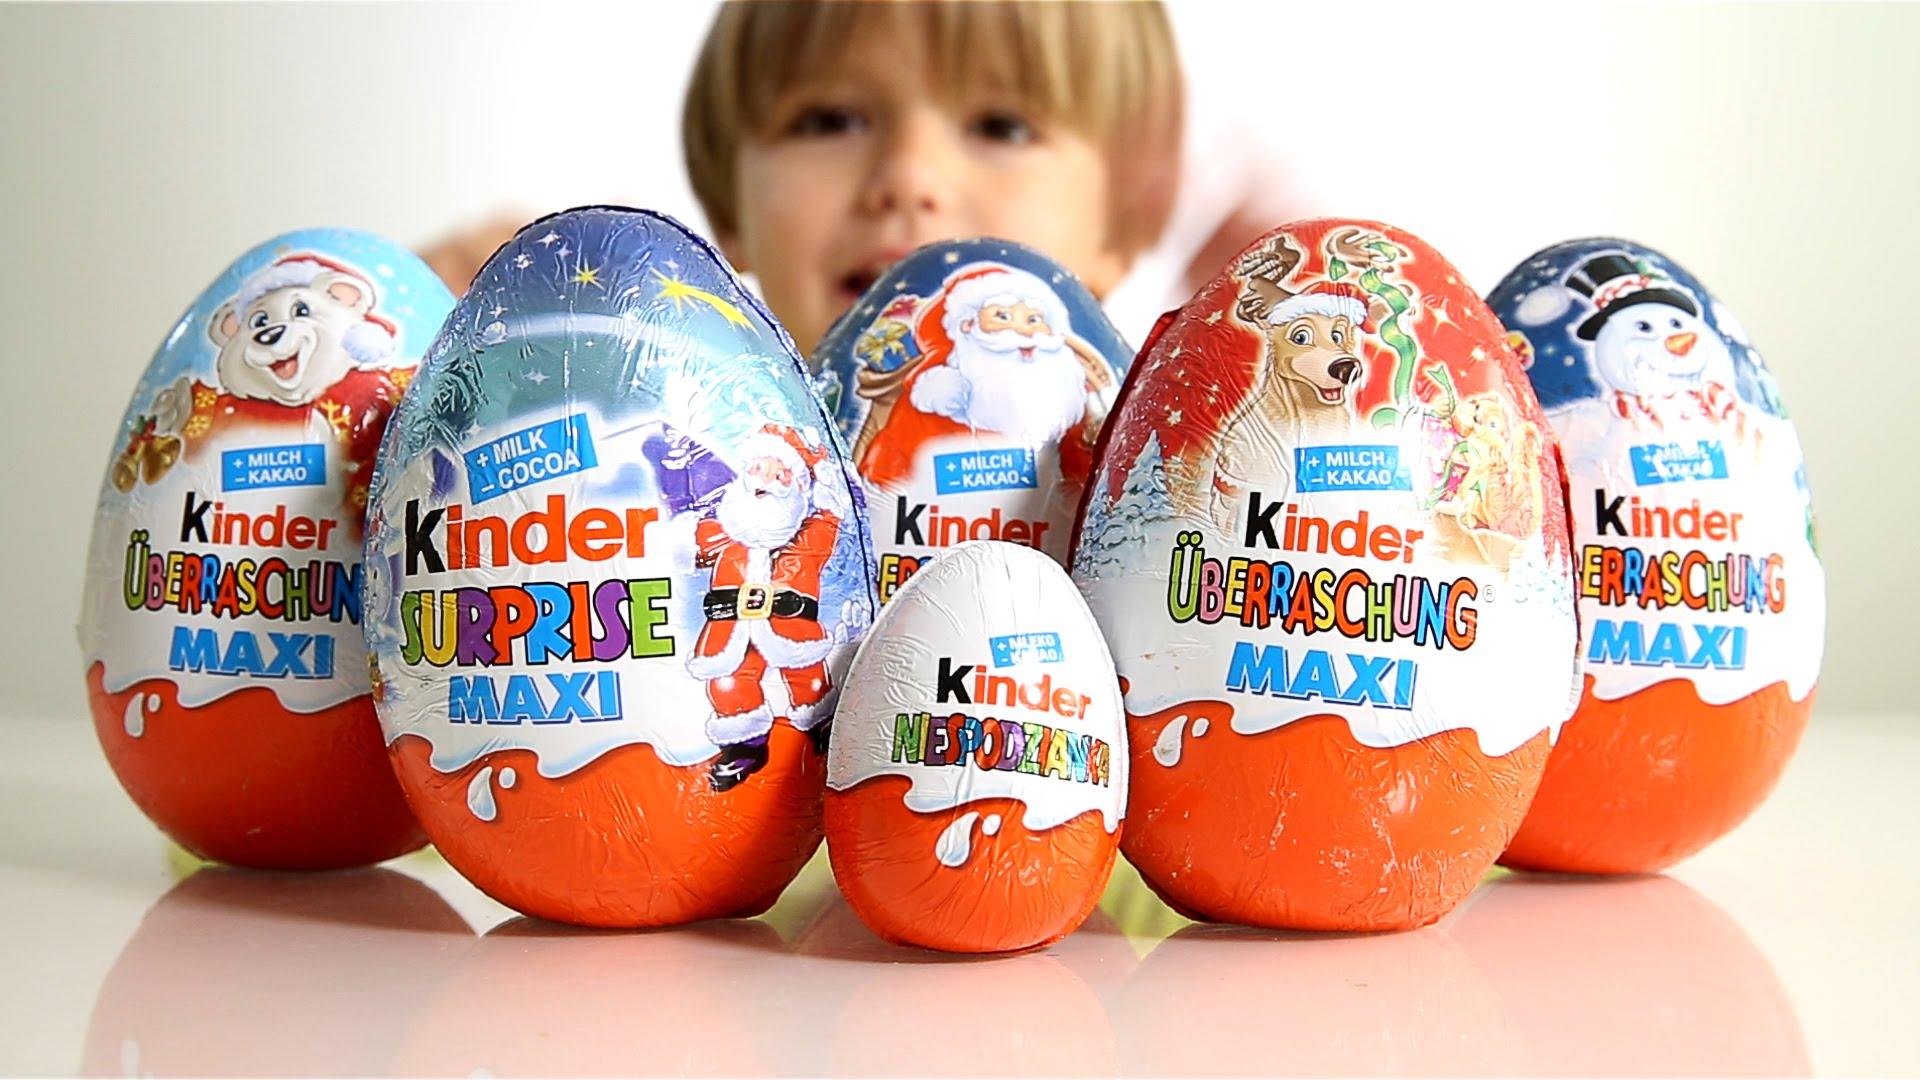 منع واردات تخم مرغ شانسی کیندر به ایالات متحده آمریکا